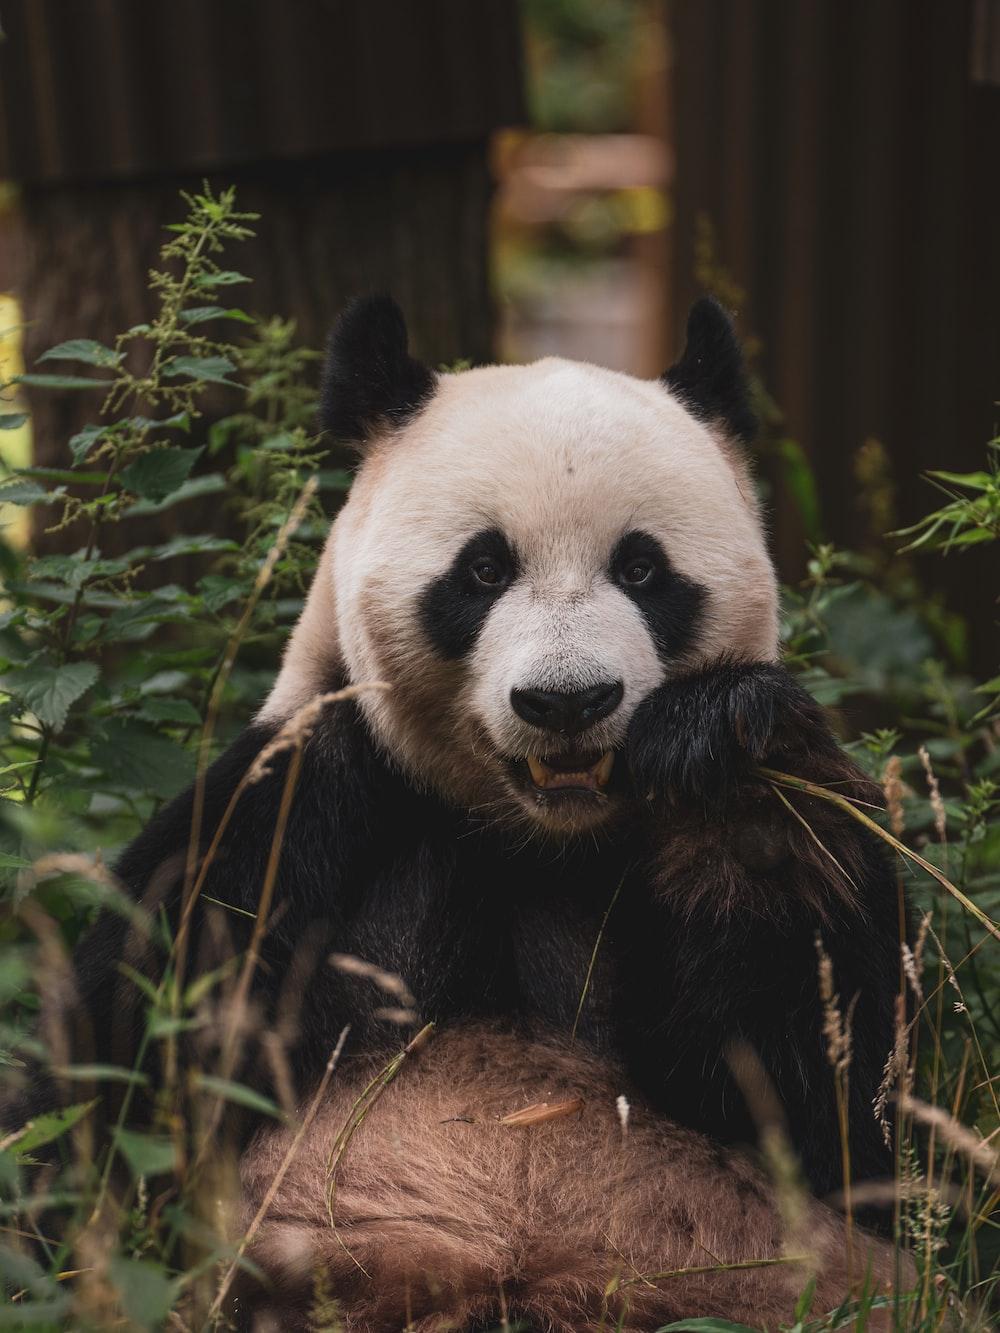 panda bear on green grass during daytime